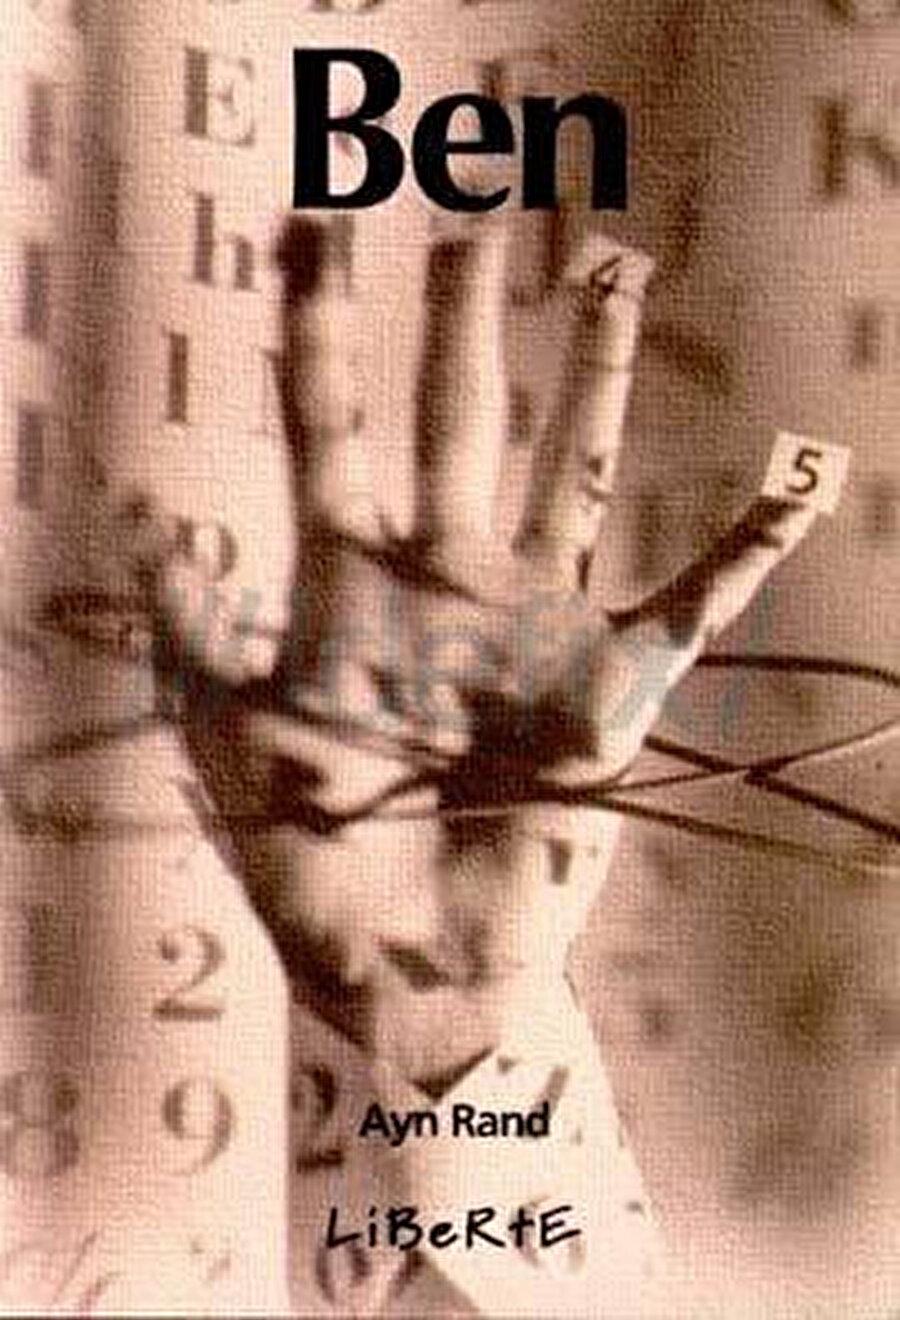 """Ayn Rand'ın Ben'inde ise """"ben"""" kelimesiyle birlikte tekillik ve bireysellik bildiren ifadeler sözlükten çıkarılmıştır."""